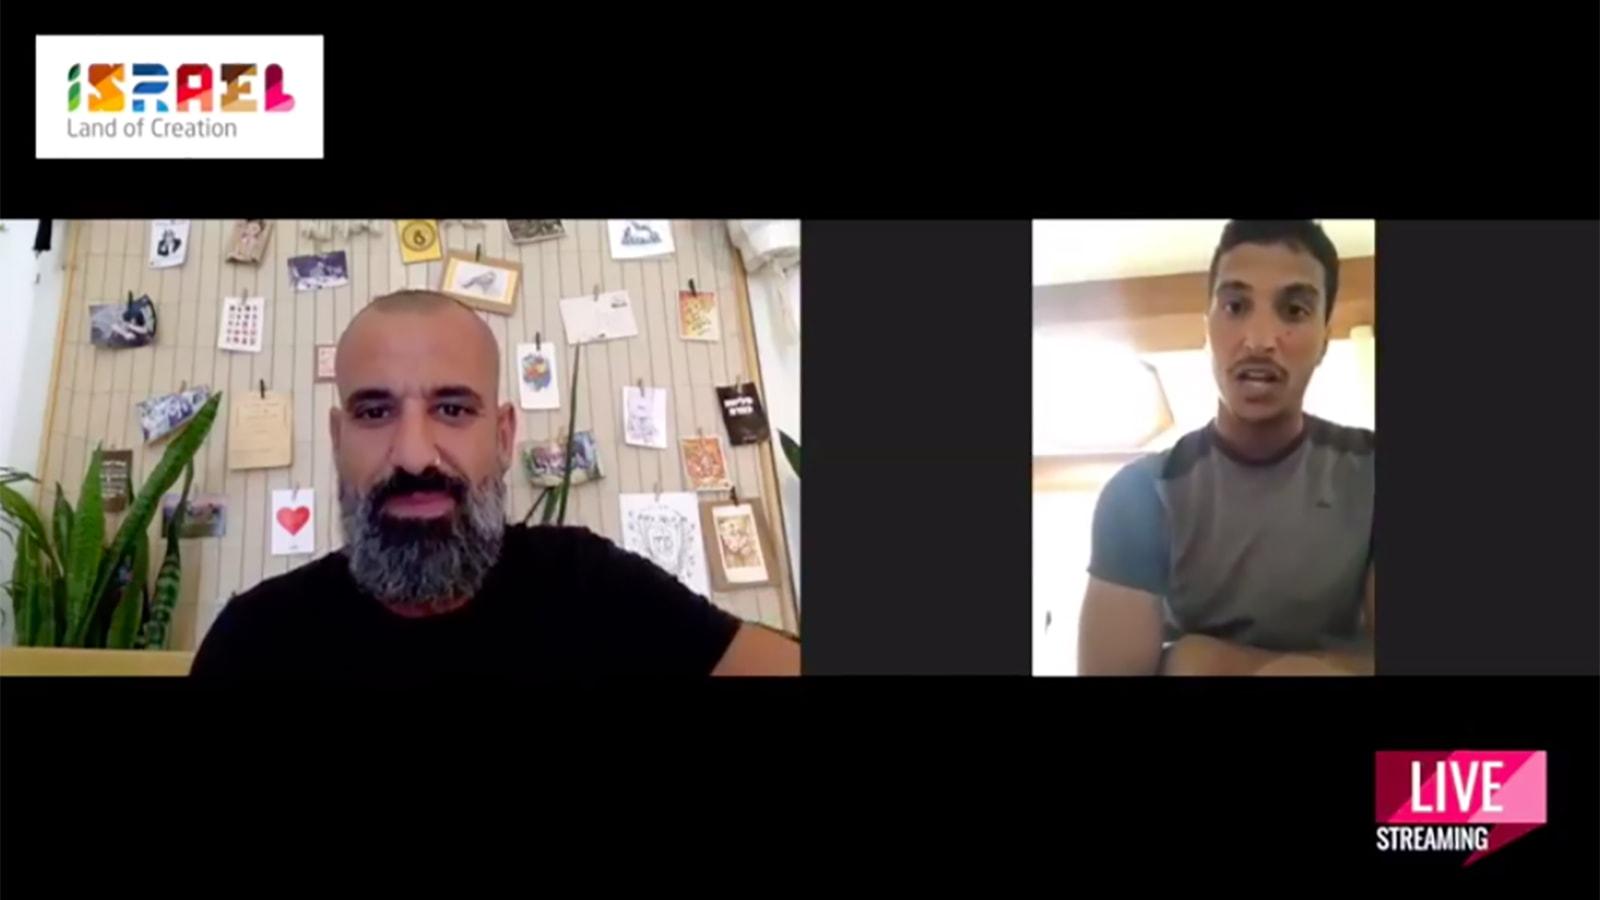 """بث مباشر عبر """"فيسبوك"""" يجمع بين خليفة المزروعي وبيليج كوهين"""